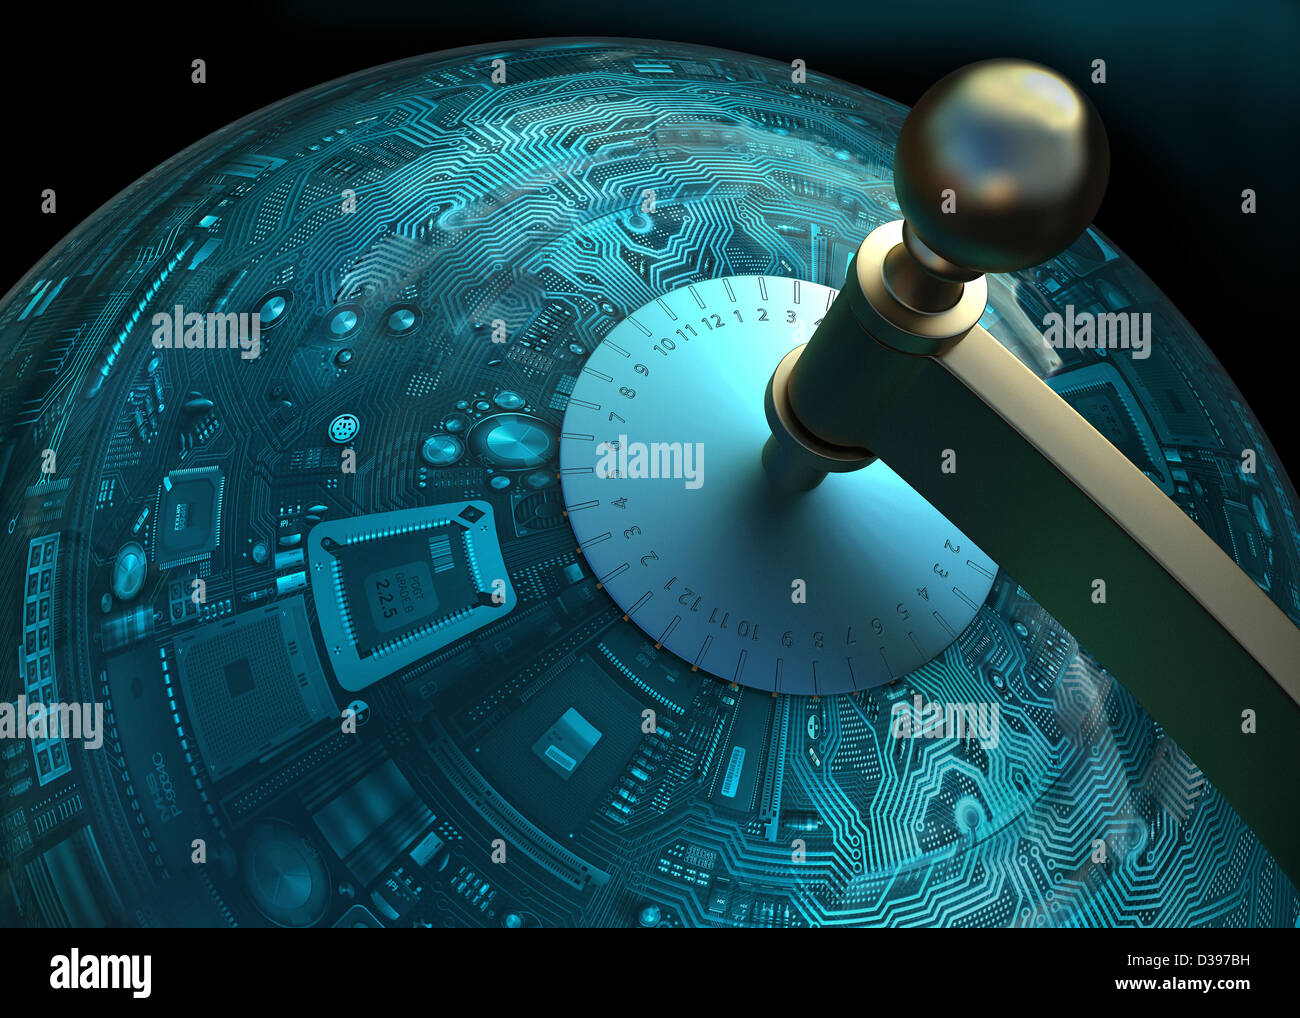 Konzeptbild Leiterplatte in Kugel Form Darstellung Globalisierung der Technologie Stockbild